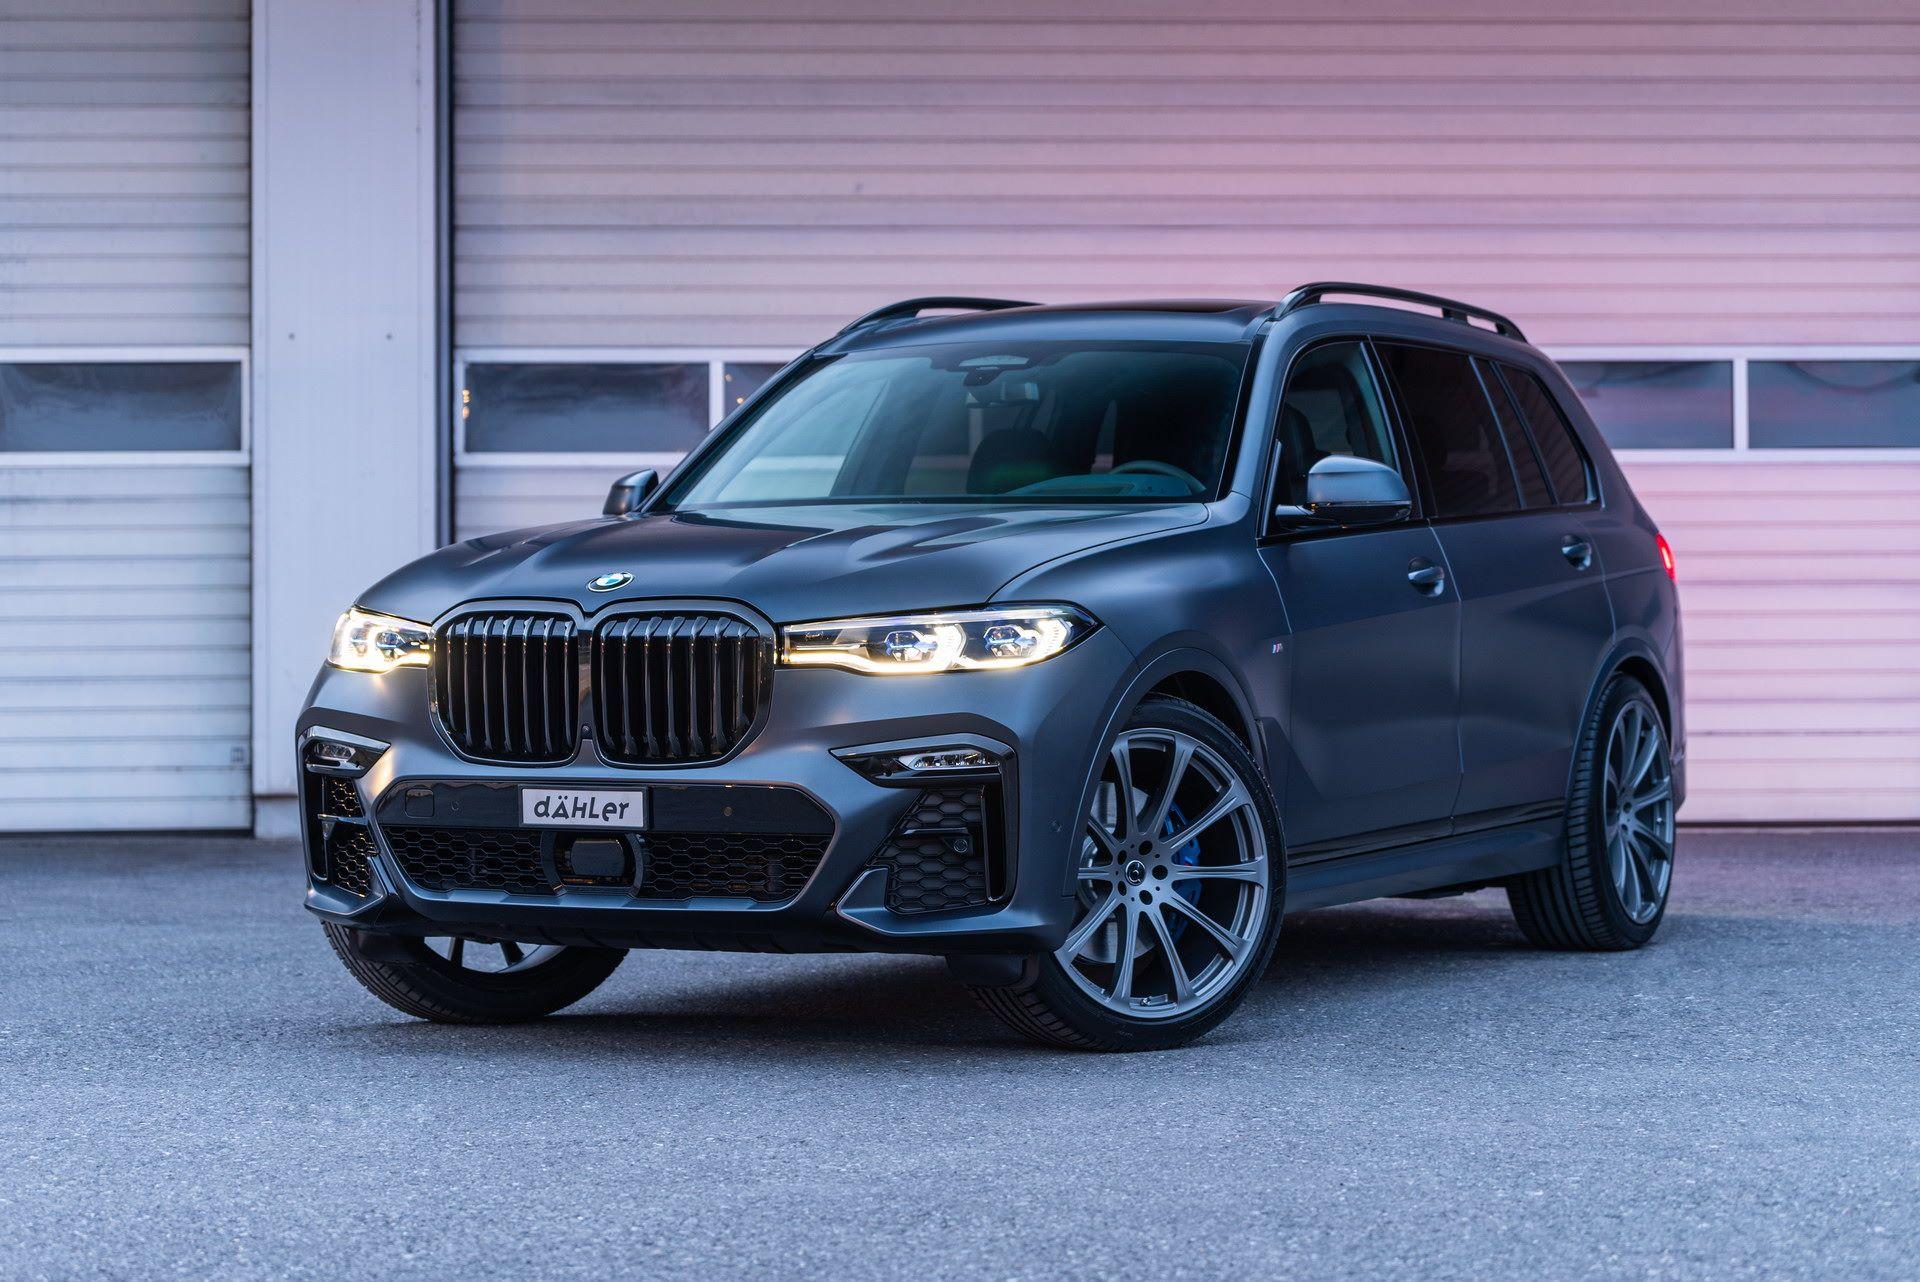 BMW-X7-by-Dahler-28